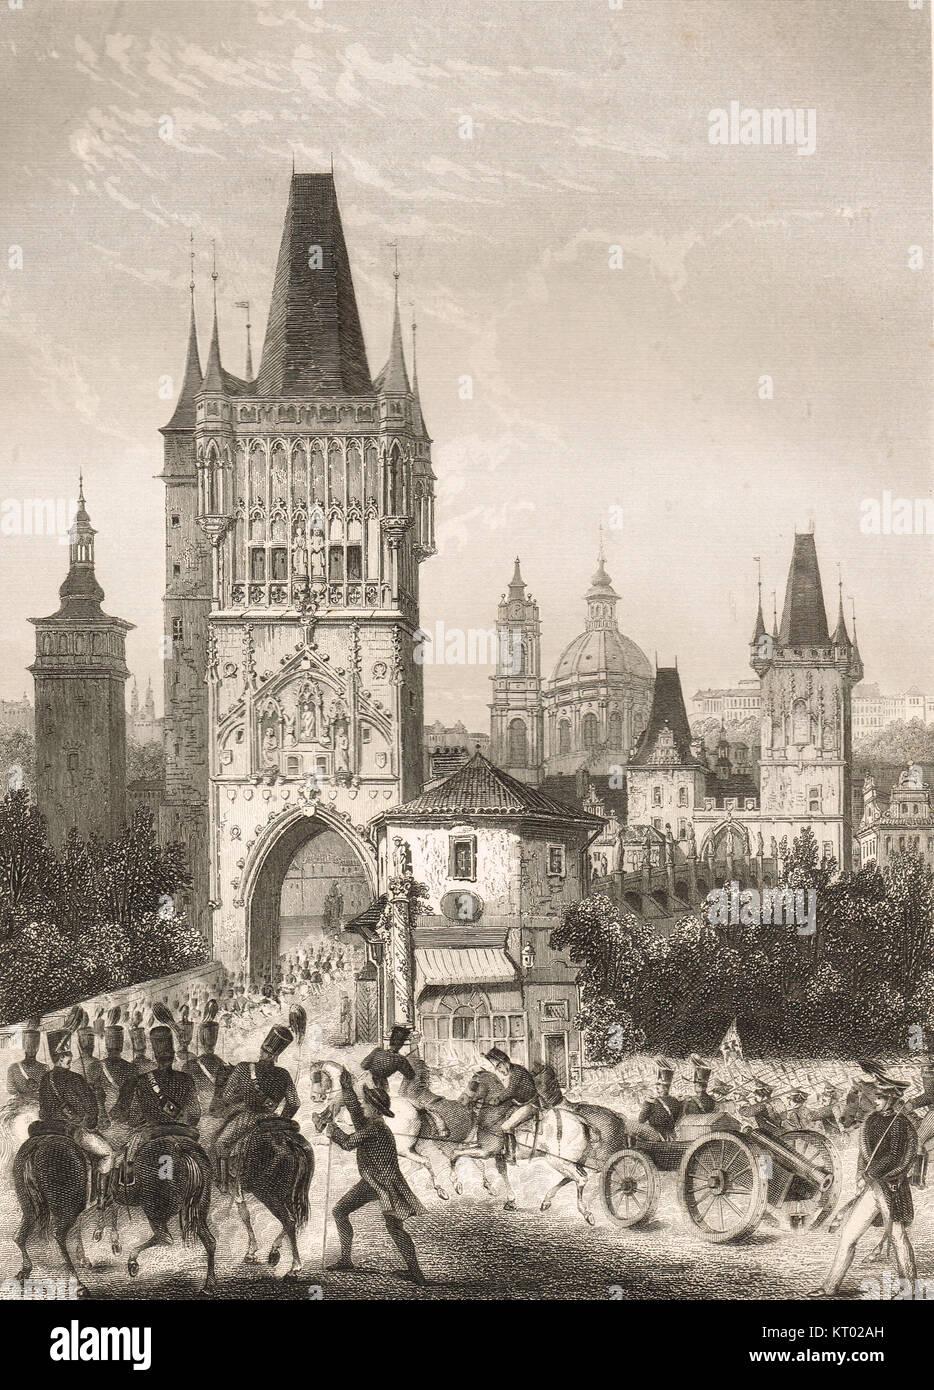 Praga ocupada por las tropas aliadas, Guerras Napoleónicas, 1813 Foto de stock